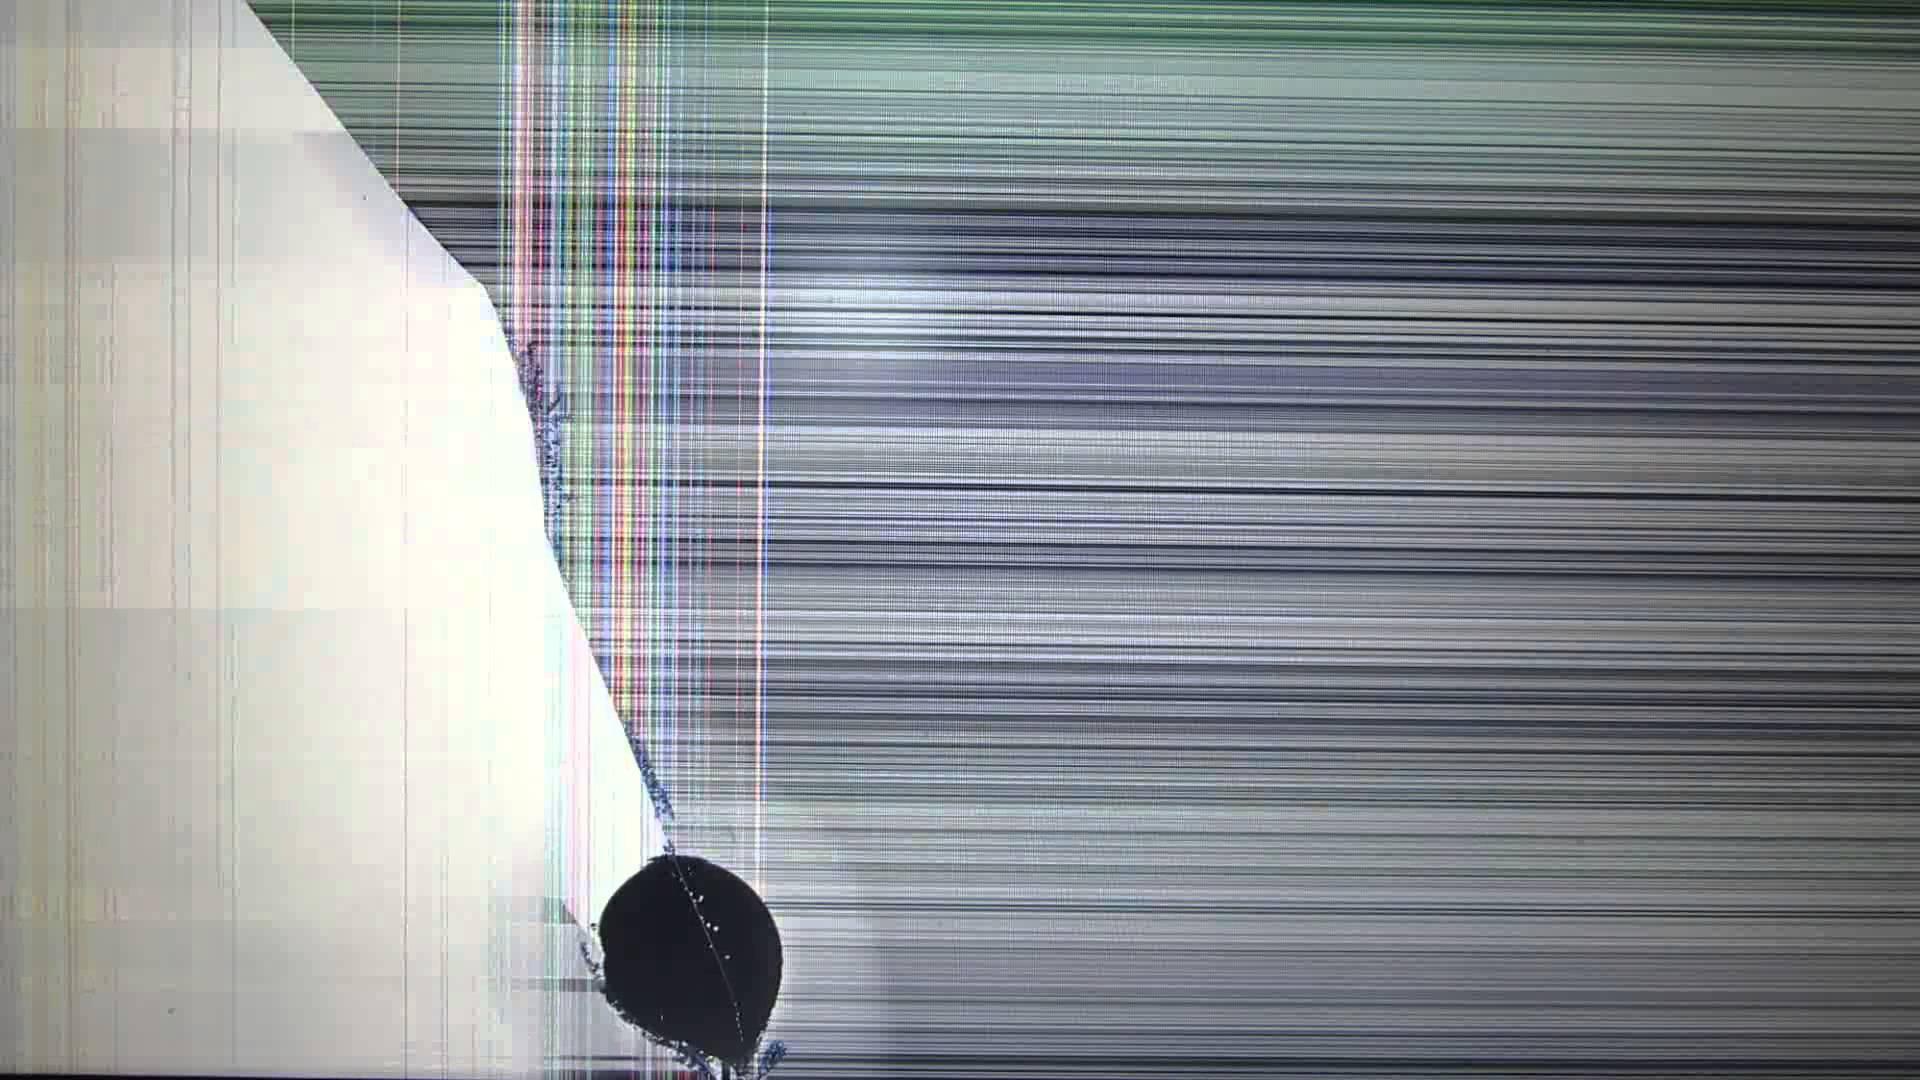 Broken Screen Insception 1920x1080